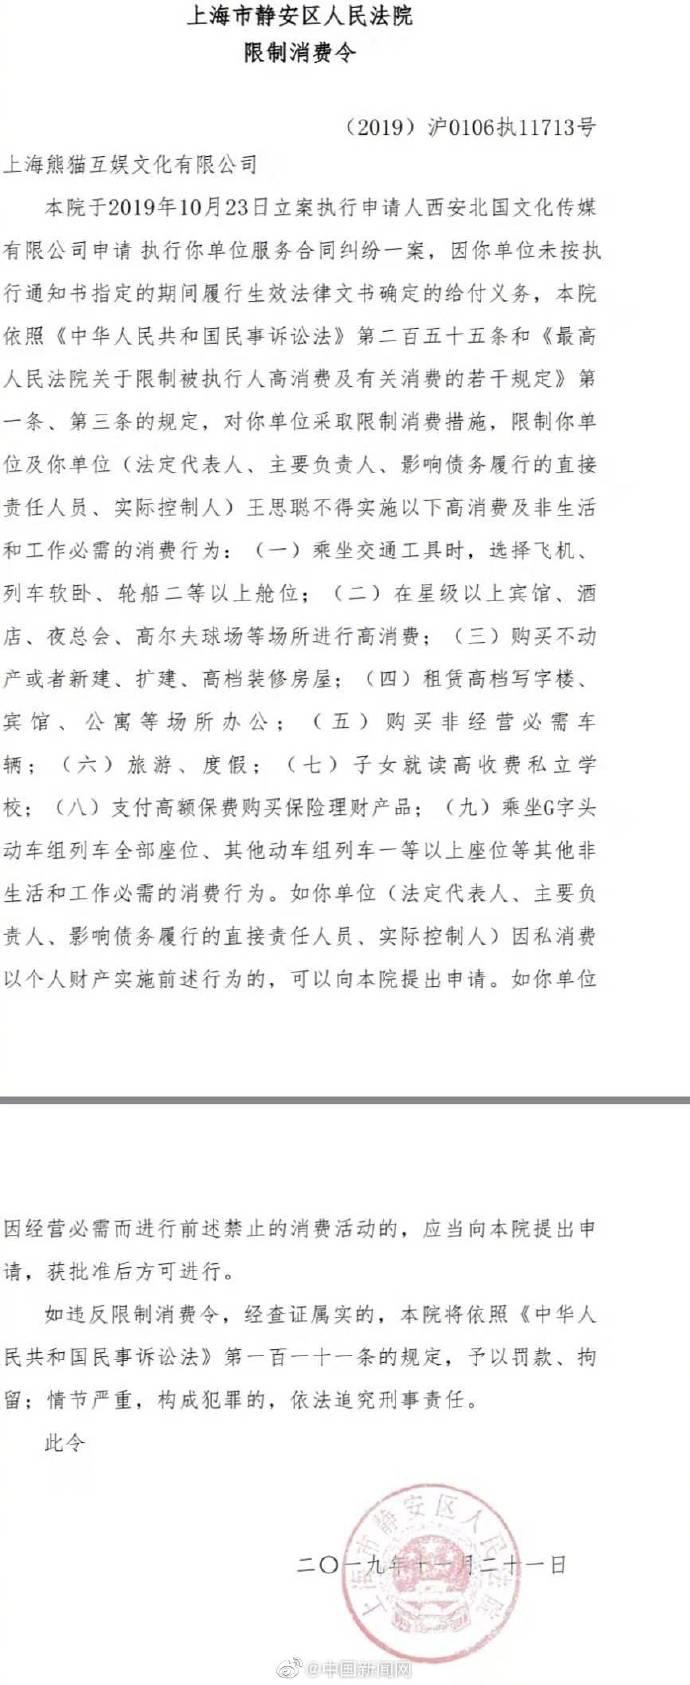 新疆兵团政府债首次登陆交易所总规模为206.66亿元